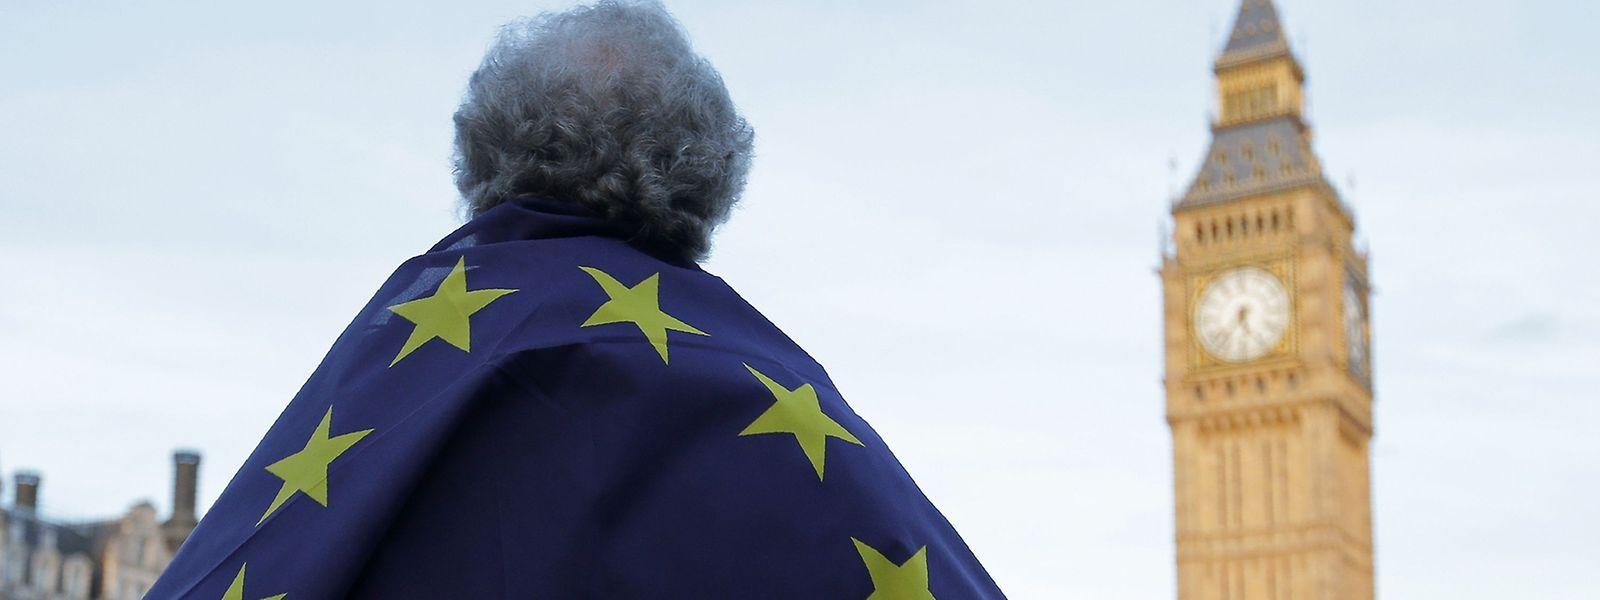 Das britische Parlament hat am Montag den Brexit abgesegnet. Vor der Tür gab es Proteste.